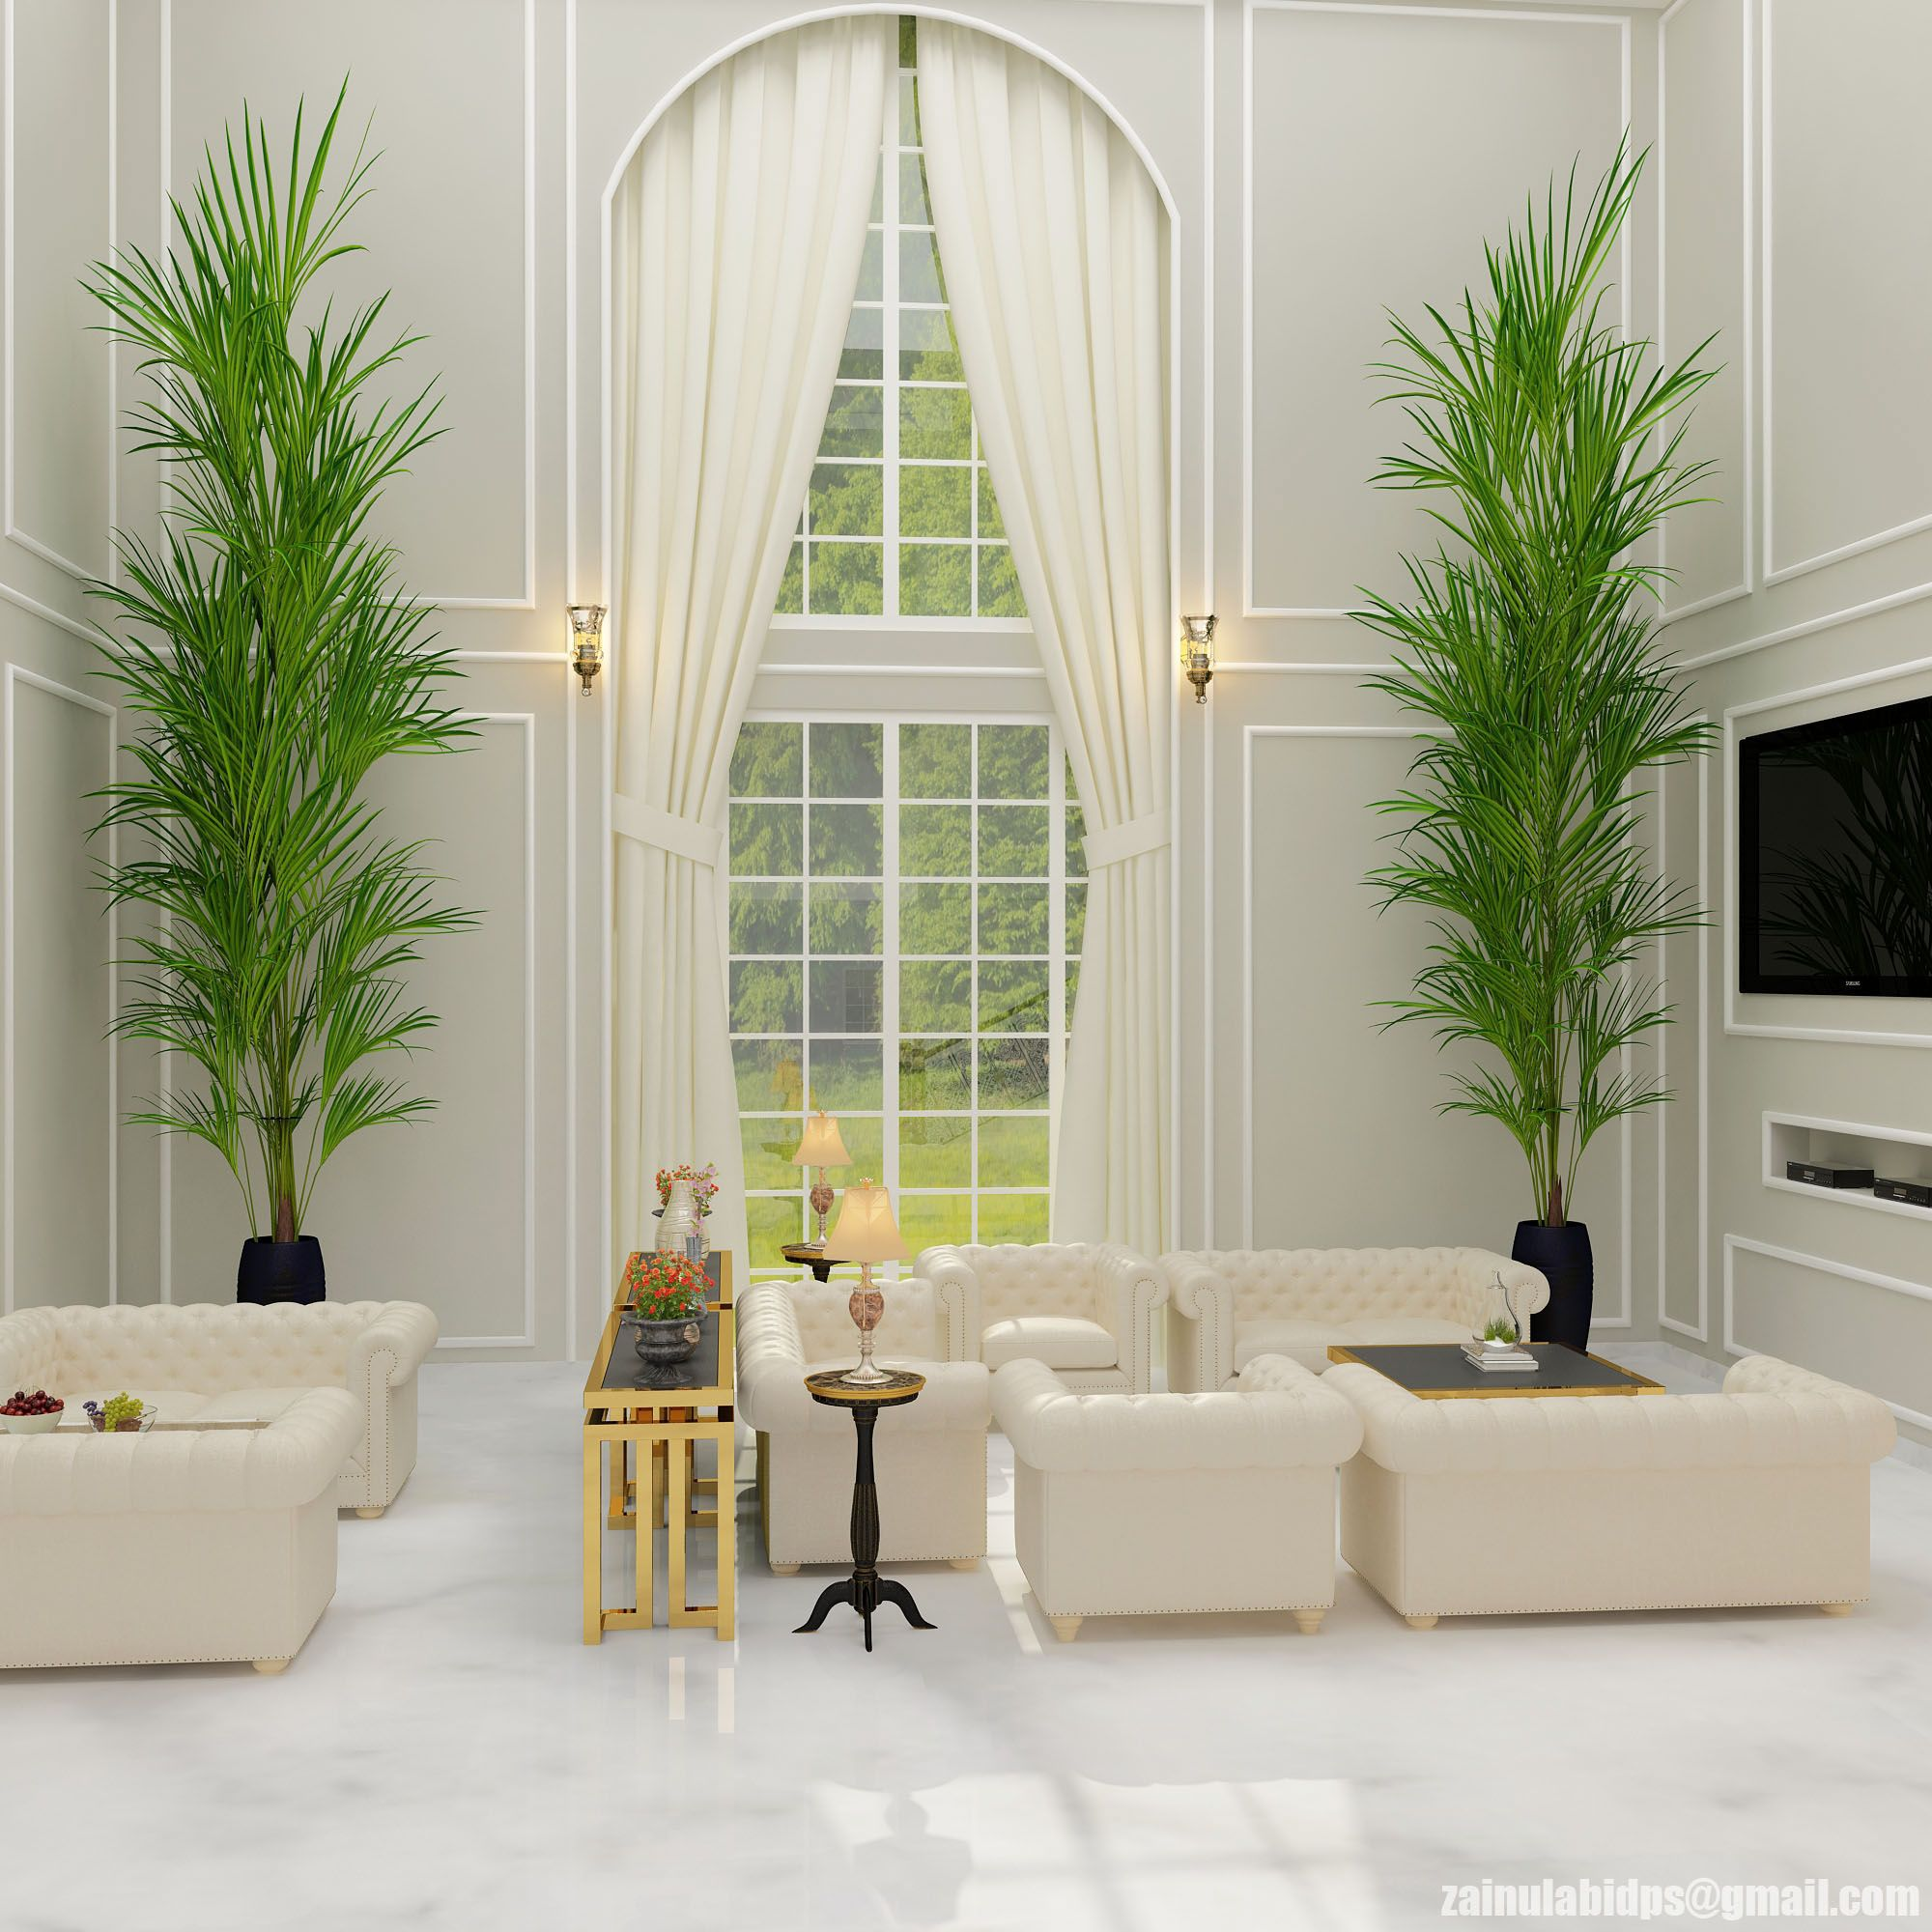 Interior Architecture, Villas, Architecture Interior Design, Interior Design,  Villa, Mansions